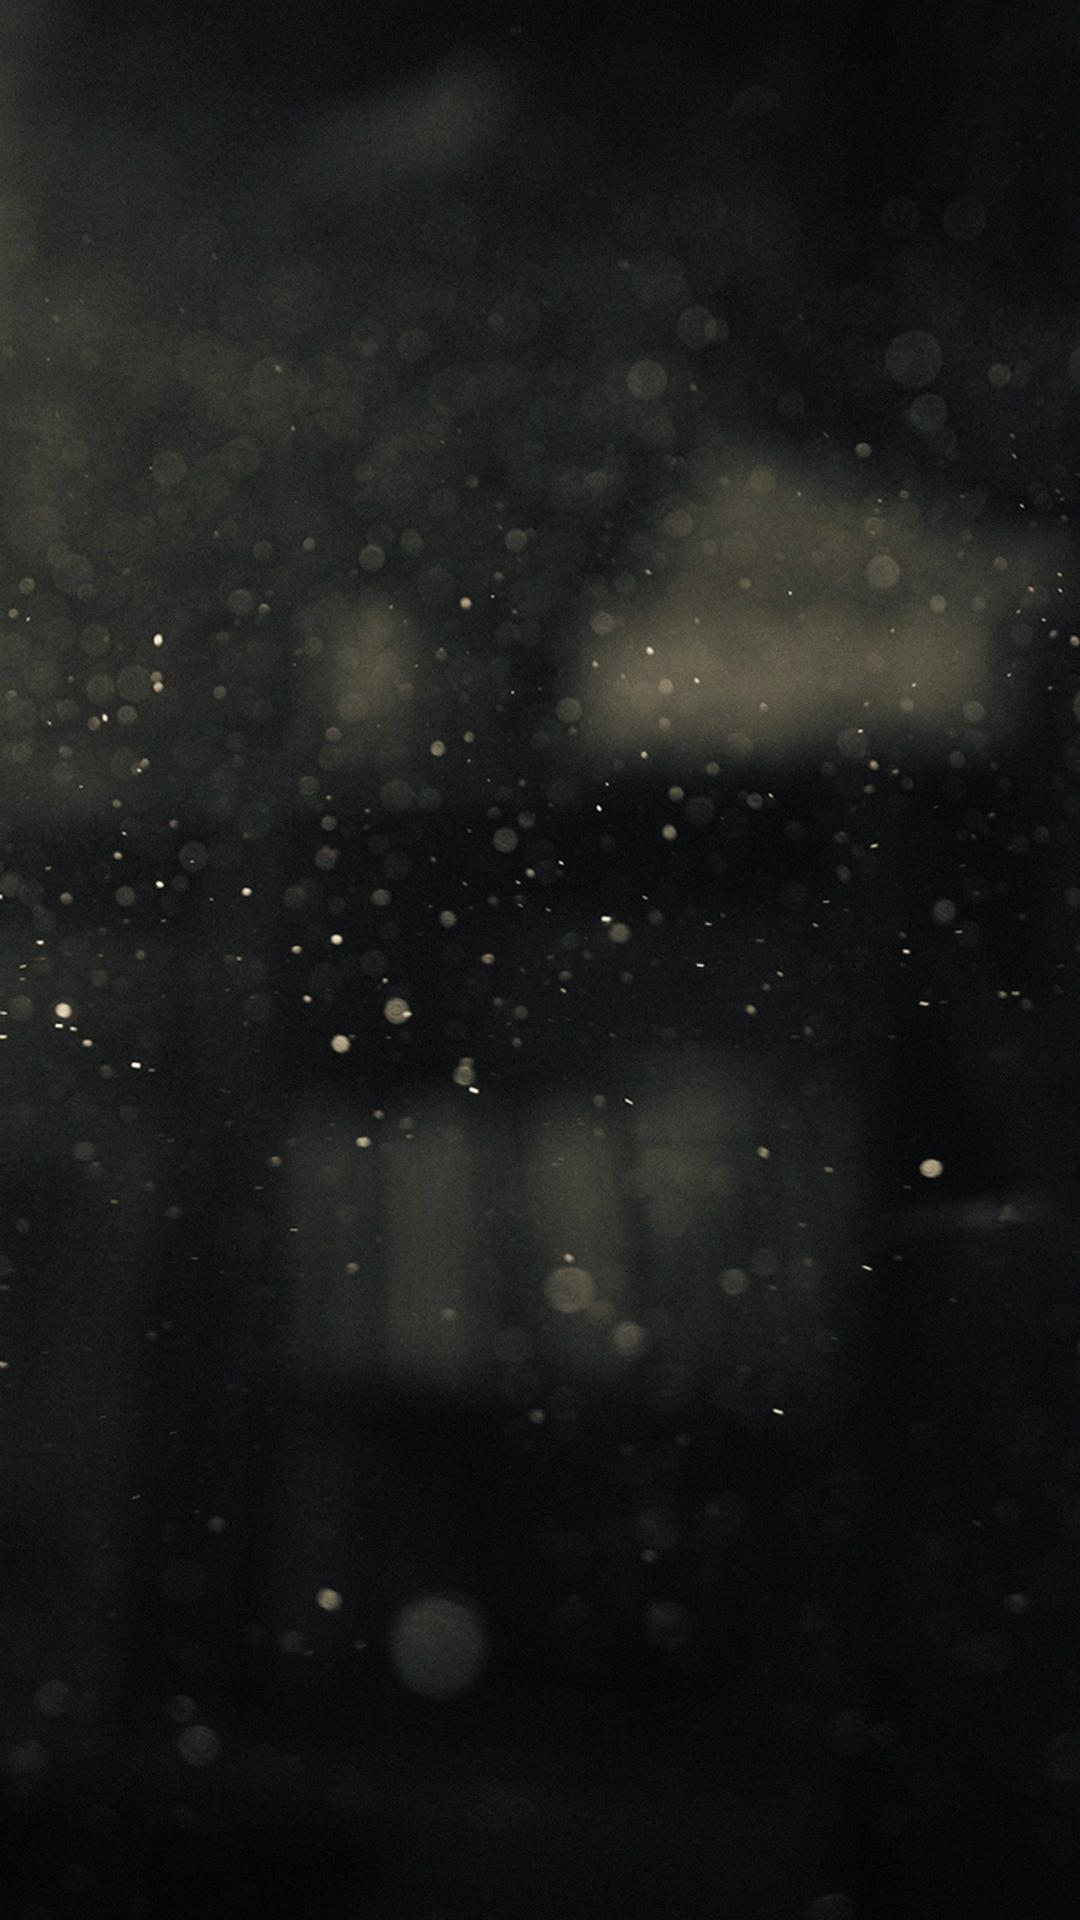 Dark-Bubble-Bokeh-Rain-Drops-Art-iPhone-wallpaper-wp5006606